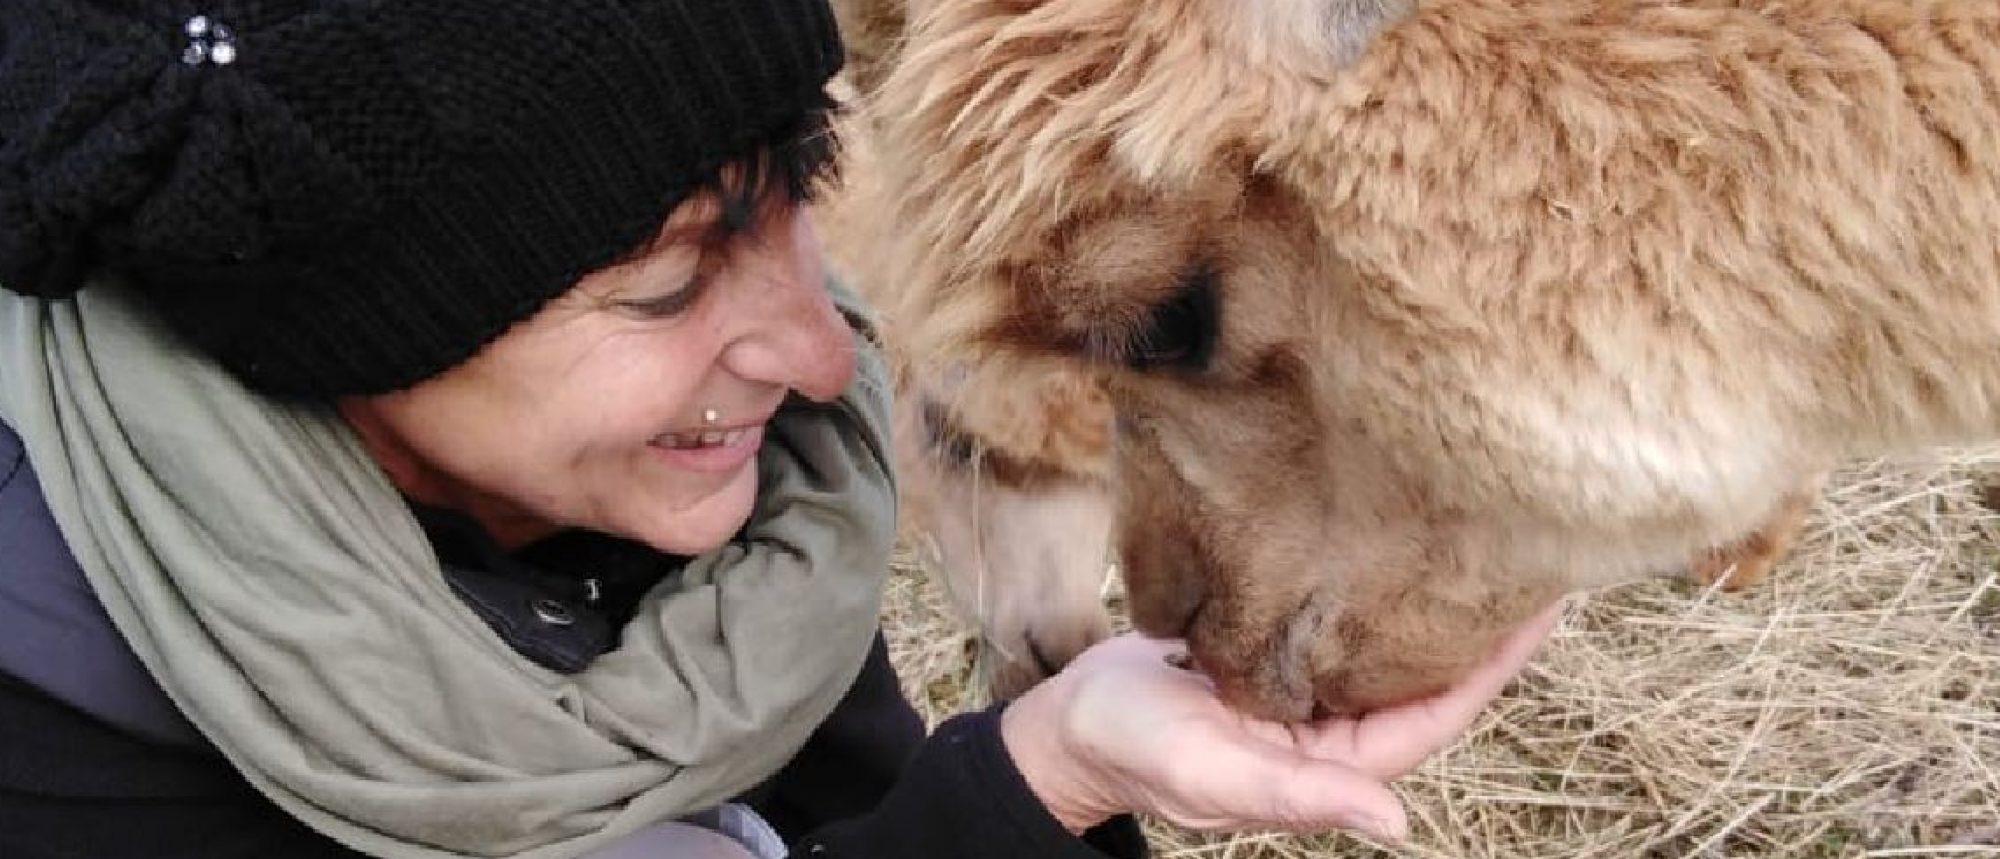 Tiergestützte Aktivitäten am Alpakas-Wörtherhof in der Steiermark - EINFACH LEBENSWERT